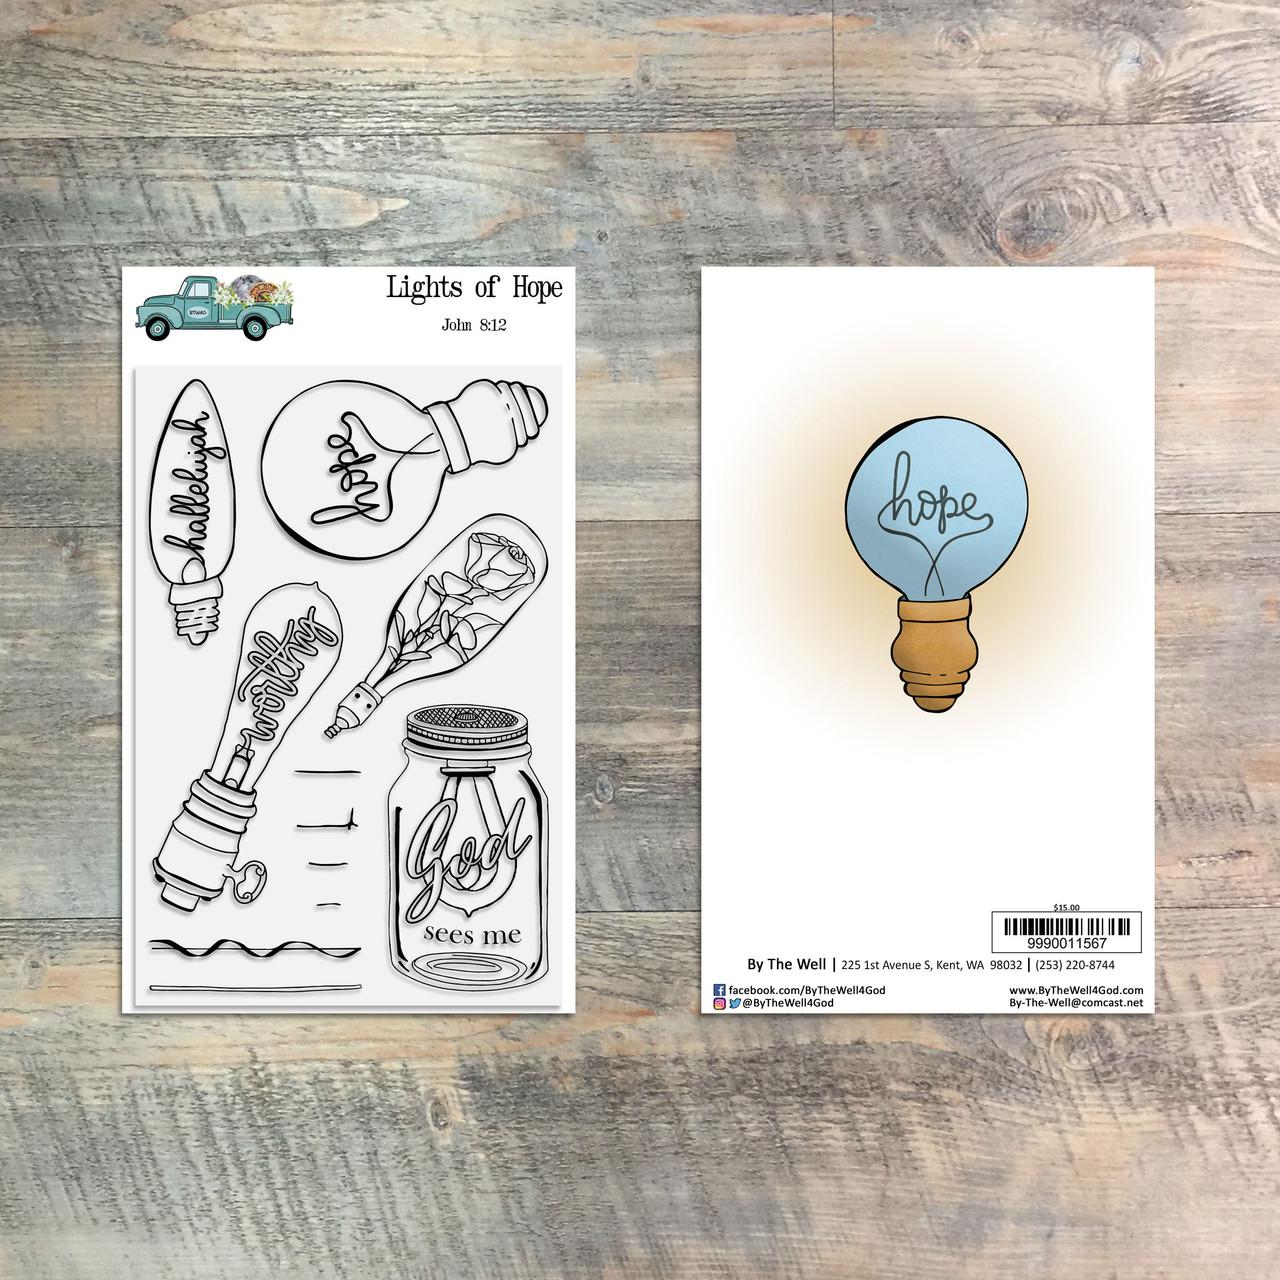 Lights of Hope - 11 Piece Stamp Set - ByTheWell4God